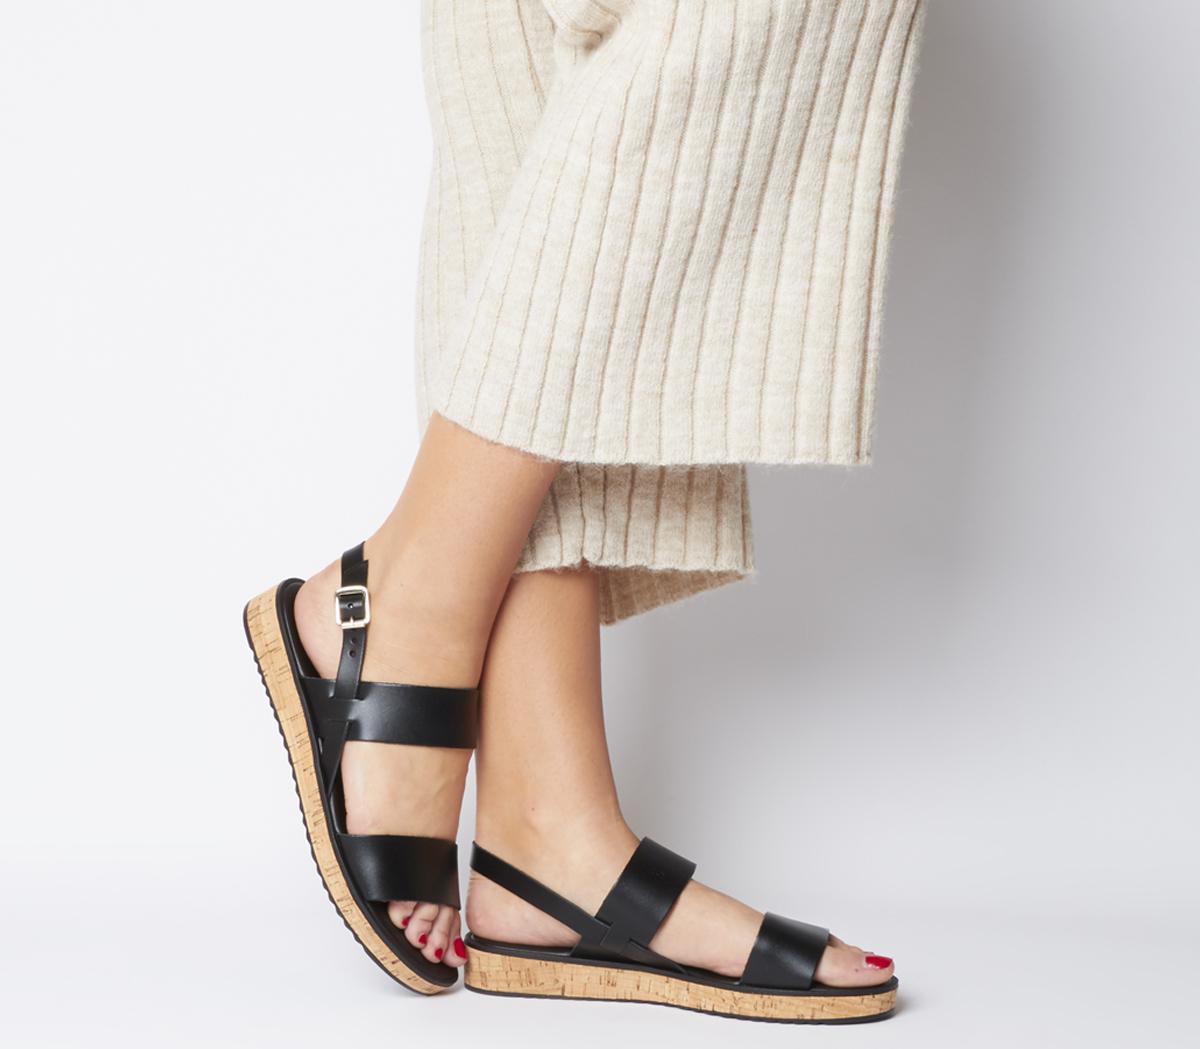 Sense Cork Sole Sandals